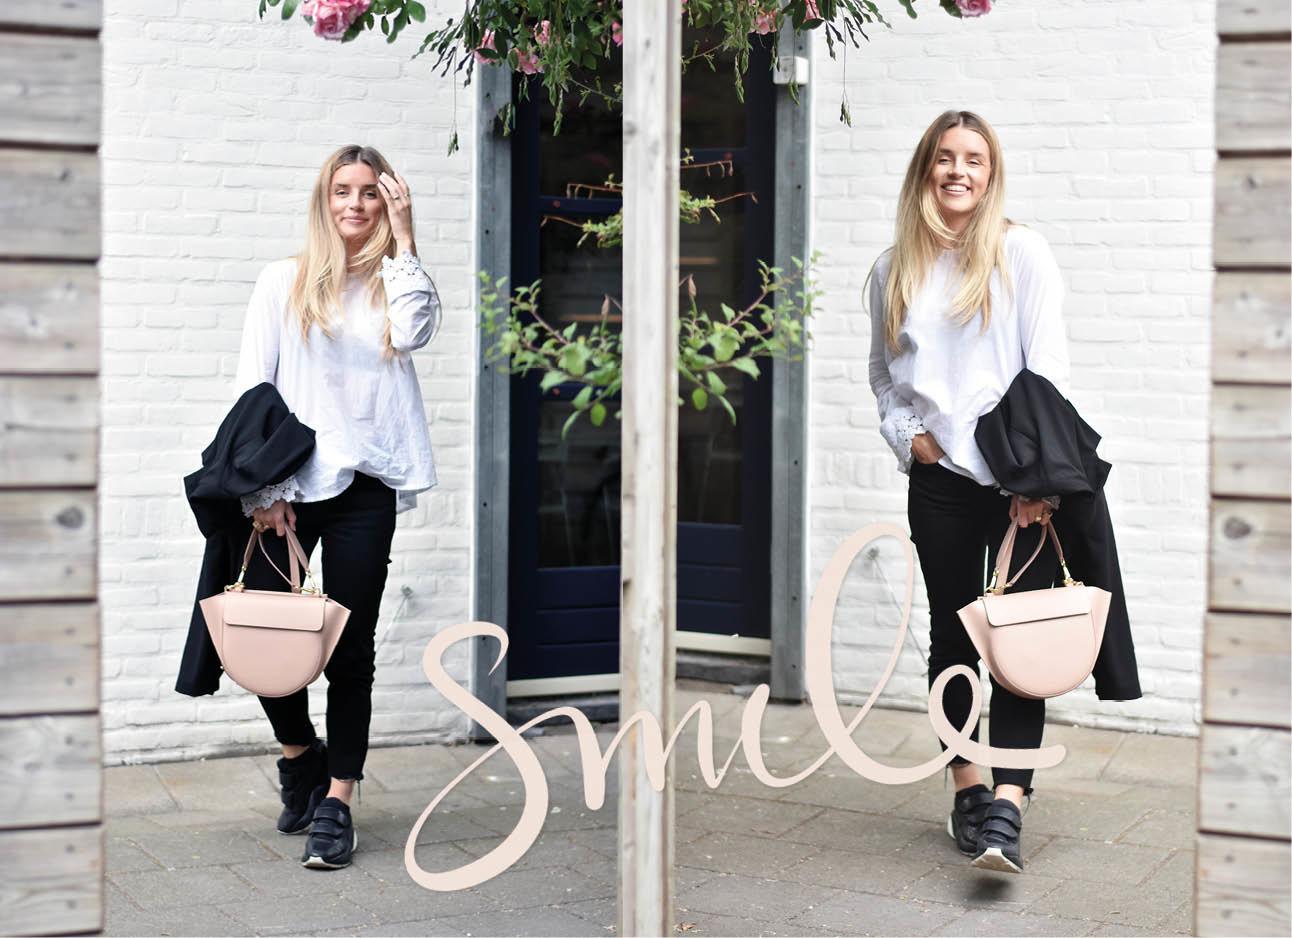 Lotte van Scherpenzeel look of the day wandler tas sneakers arket jeans zwart broek top stieglitz wit blouse met bloemen mouwen